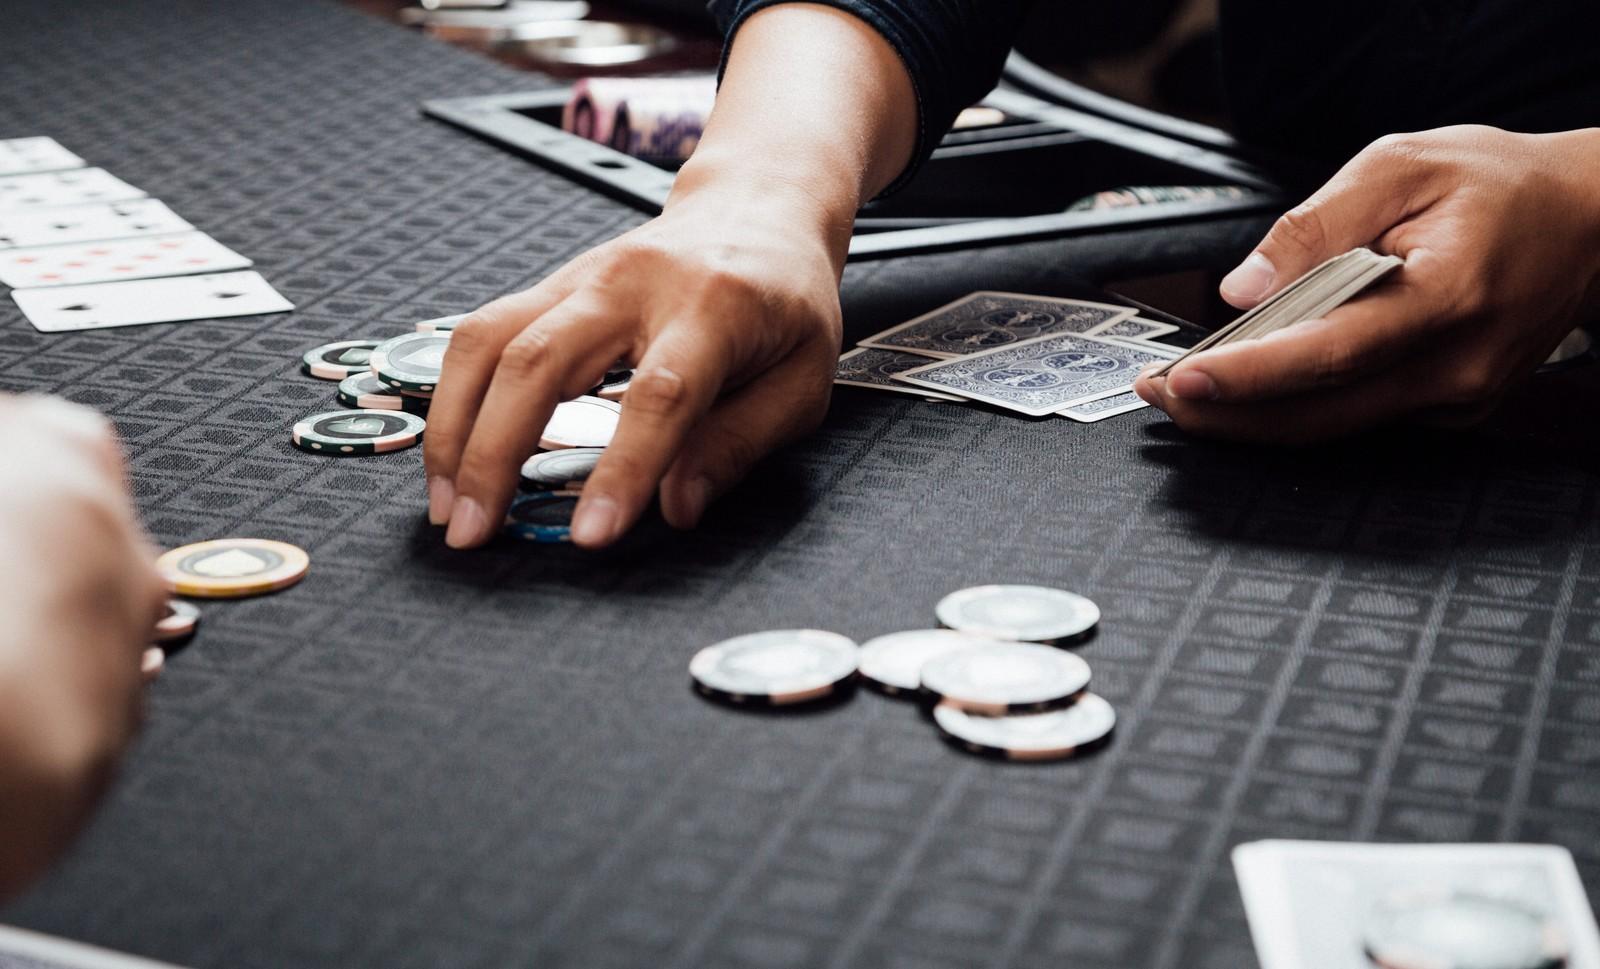 仮想通貨ビットコイン投資はギャンブル?株FXとの違いを比較